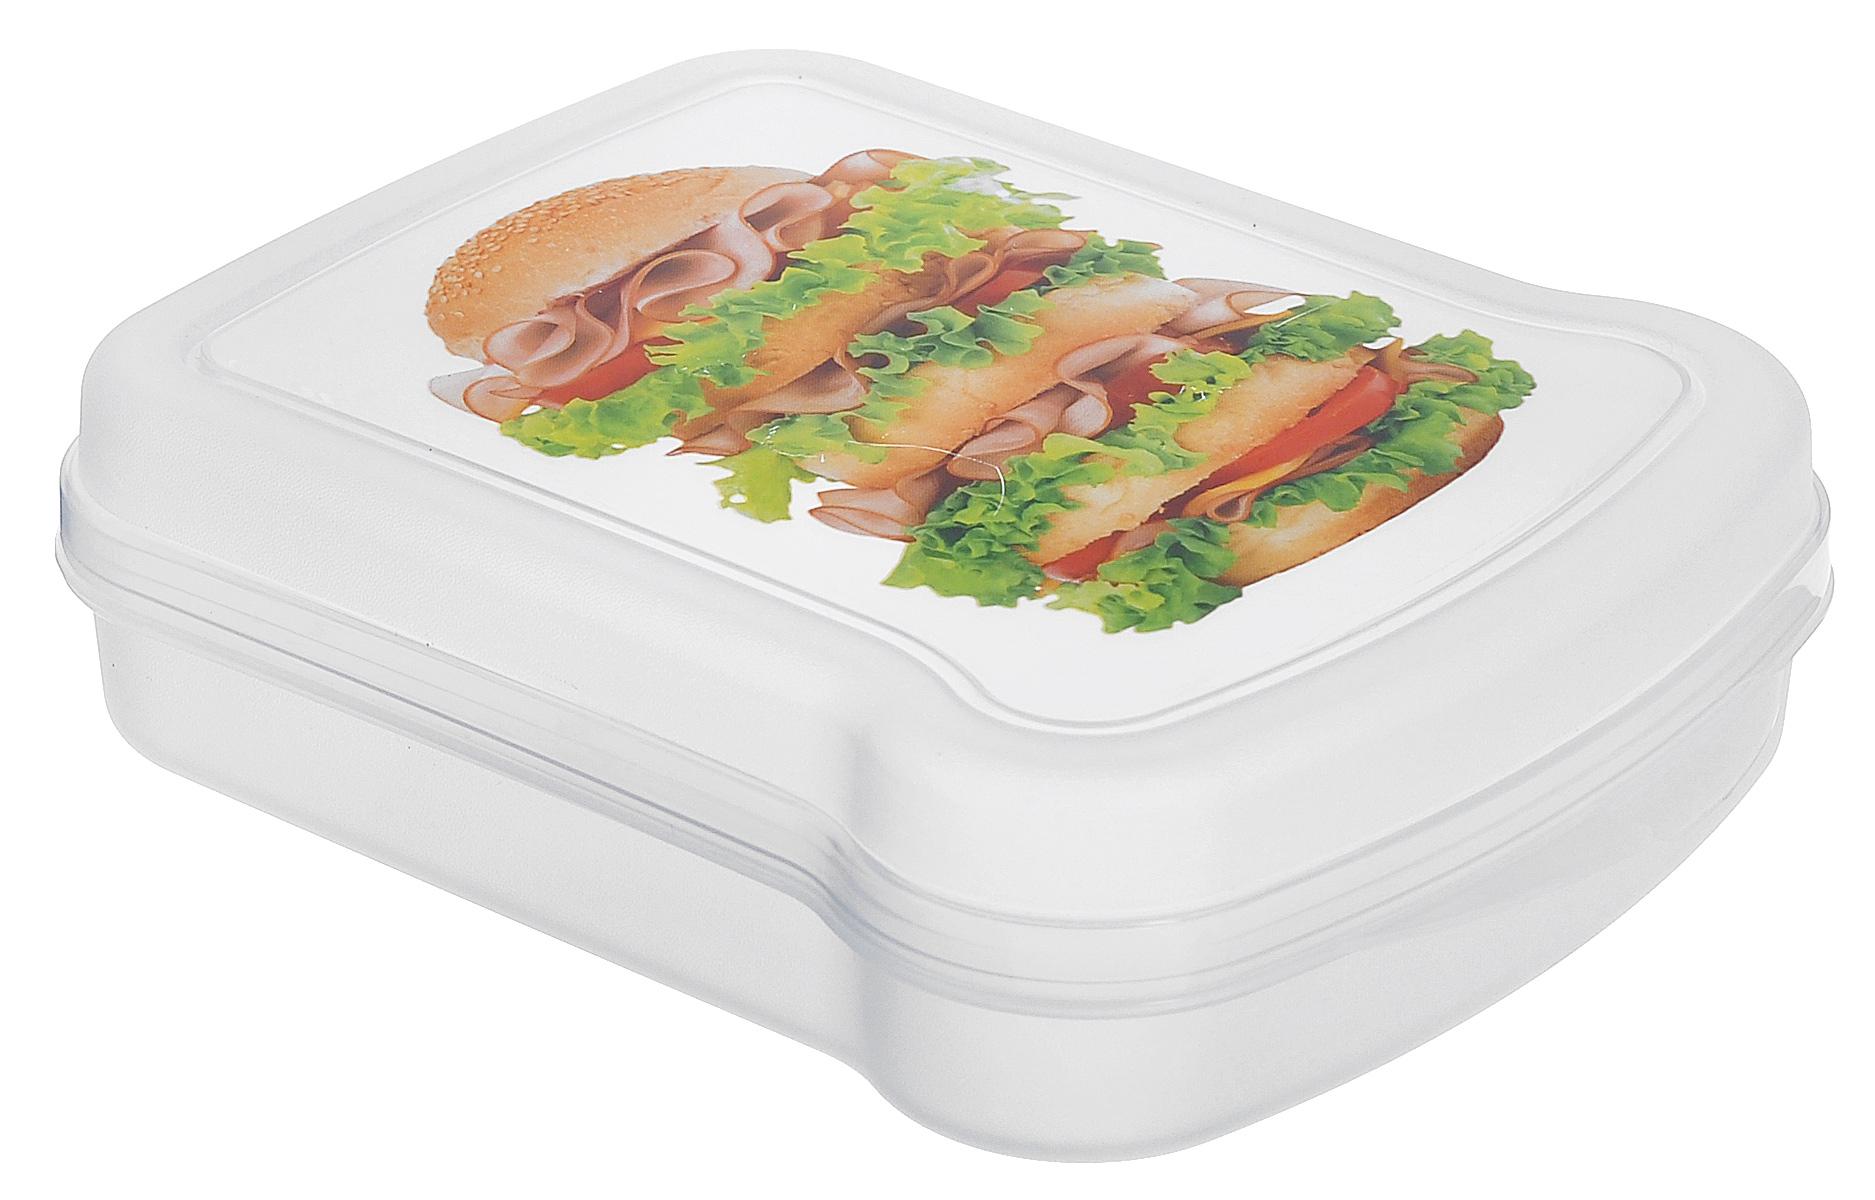 Контейнер для бутербродов Phibo Сэндвич с кунжутом, 17 см х 13 см х 4,2 смС12854_с кунжутомКонтейнер для бутербродов Phibo Сэндвич с кунжутом изготовлен из прозрачного пищевого пластика, устойчивого к высоким температурам. Контейнер выполнен в форме бутерброда, поэтому идеально подходит для его хранения. Крышка плотно закрывается, дольше сохраняя еду свежей и вкусной. Контейнер оформлен ярким изображением сэндвича. Такой контейнер удобно брать с собой на работу, учебу, пикник.Подходит для разогрева пищи в микроволновой печи и для хранения в холодильнике. Можно мыть в посудомоечной машине. Размер контейнера: 17 см х 13 см х 4,2 см.